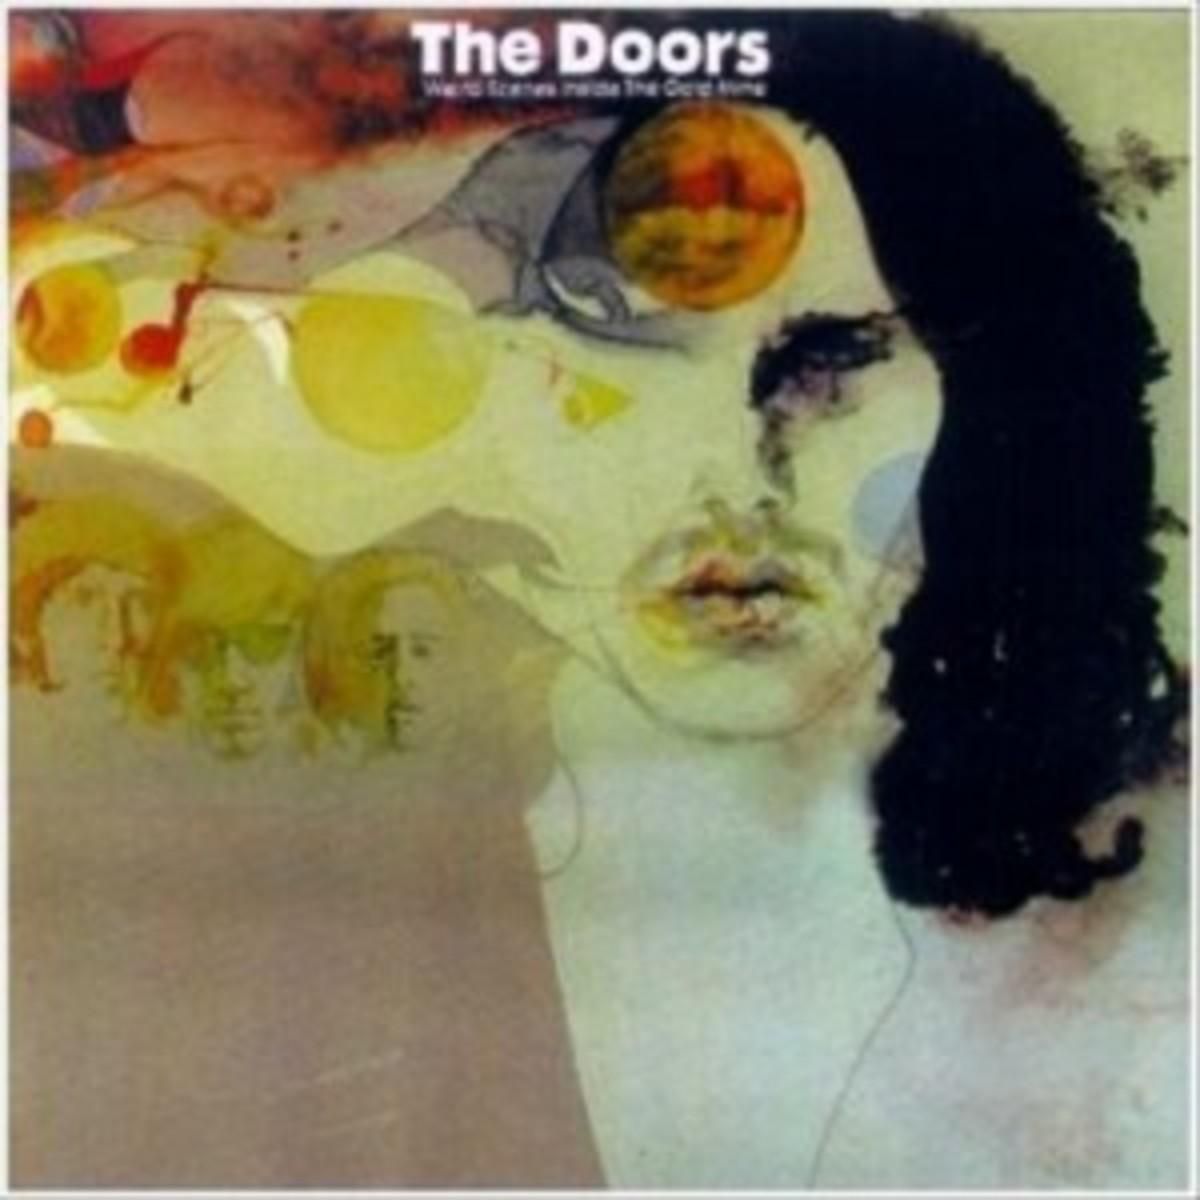 The Doors_Weird Scenes cover